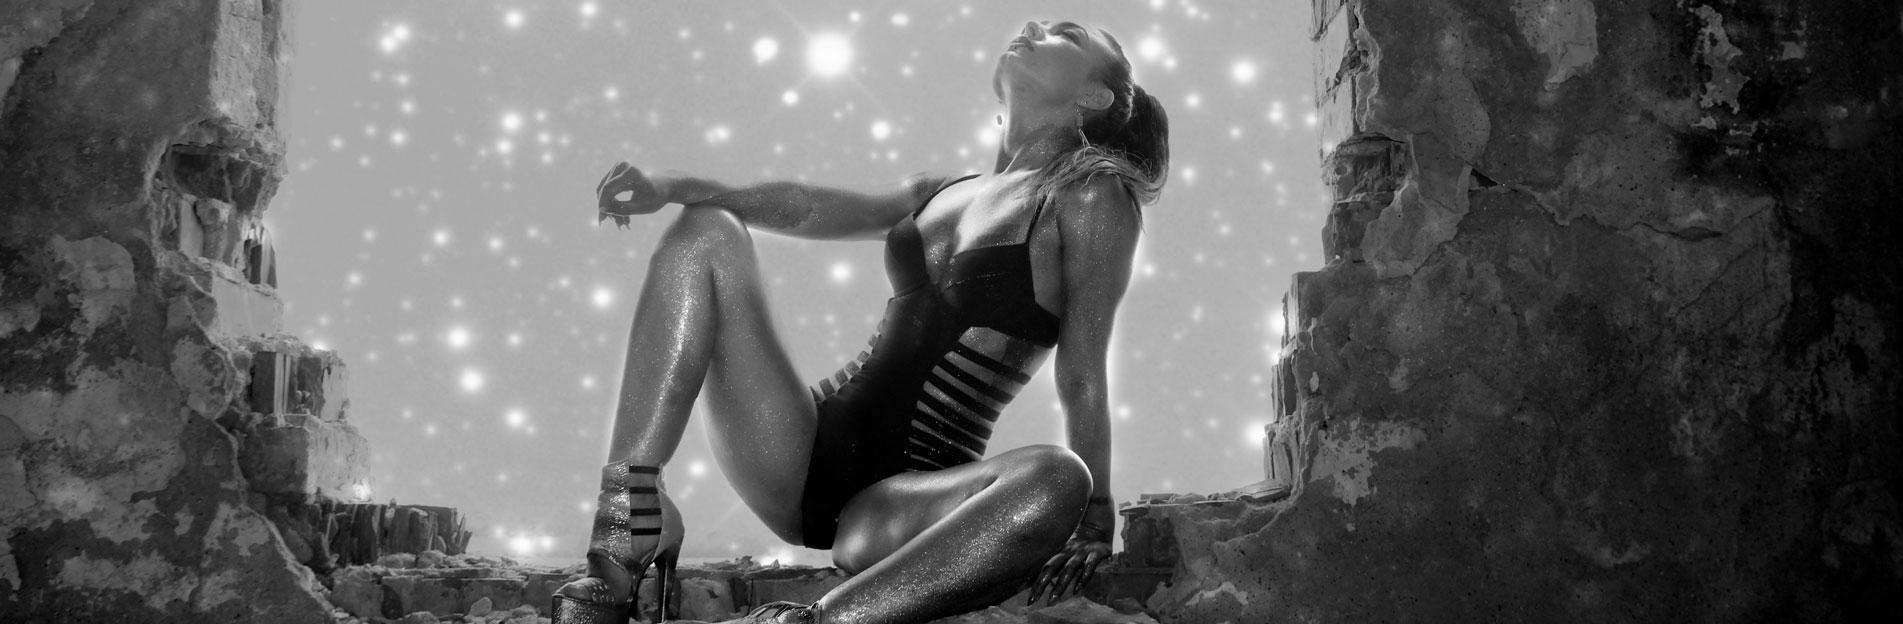 SM-Studio-Berlin-bizarr-lady-fetisch-bdsm-Zimmer SpiegelLust auf bizarre Sinnlichkeit